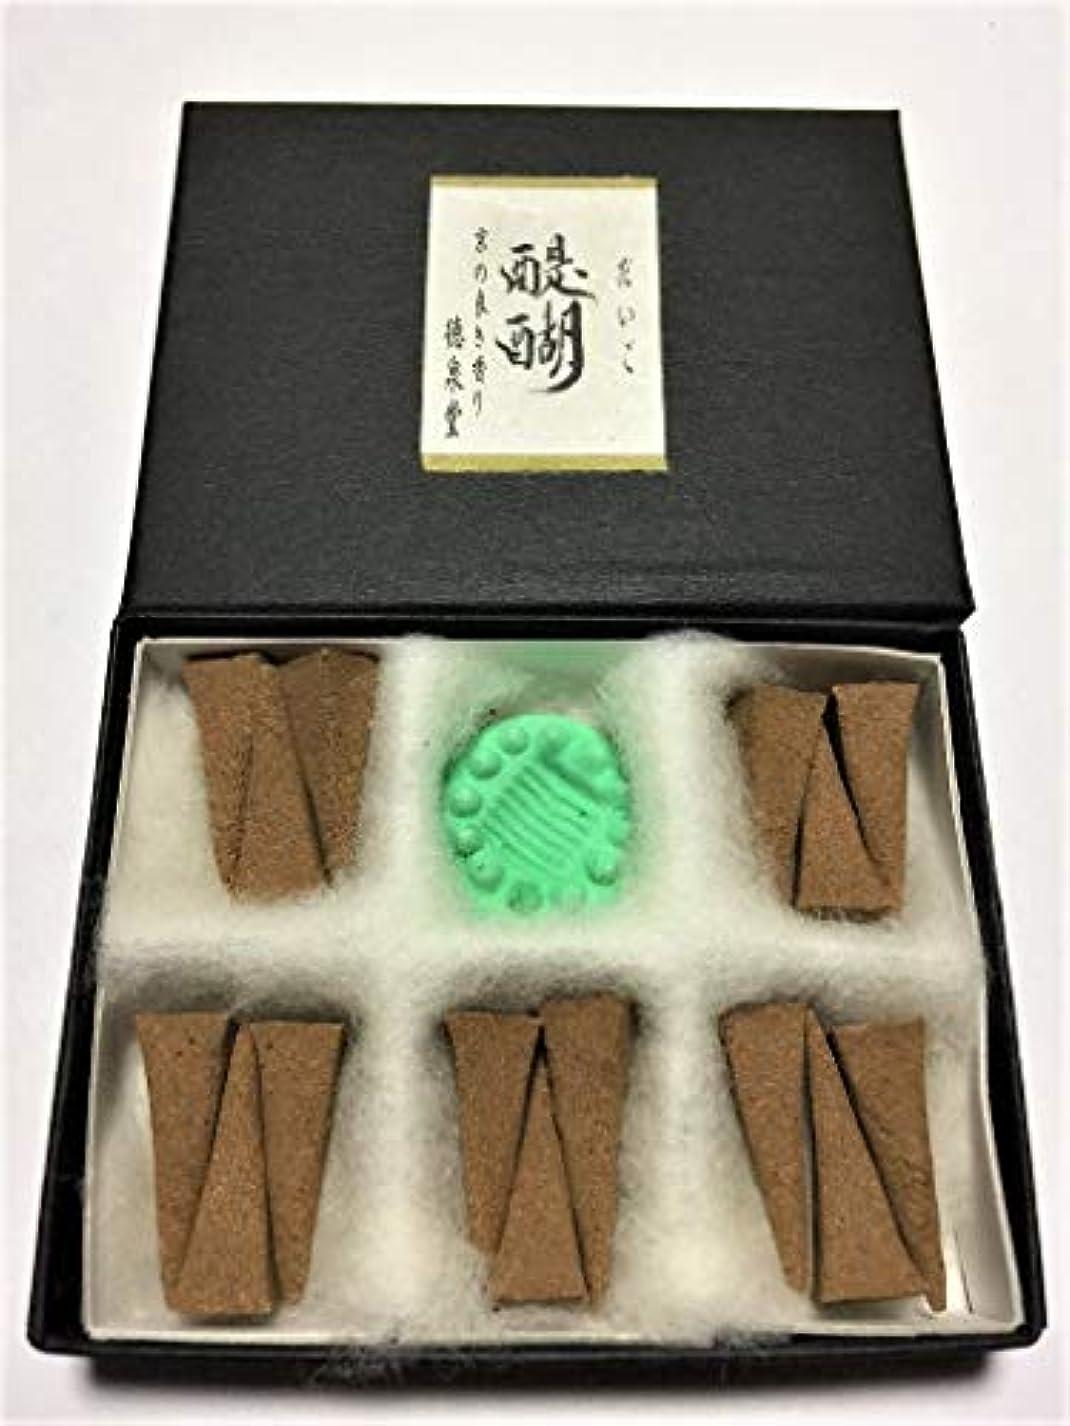 わかりやすい変化するアプライアンス醍醐(だいご)15ケ入り 天然材料のみで作ったお香 化学物質、無添加のお香